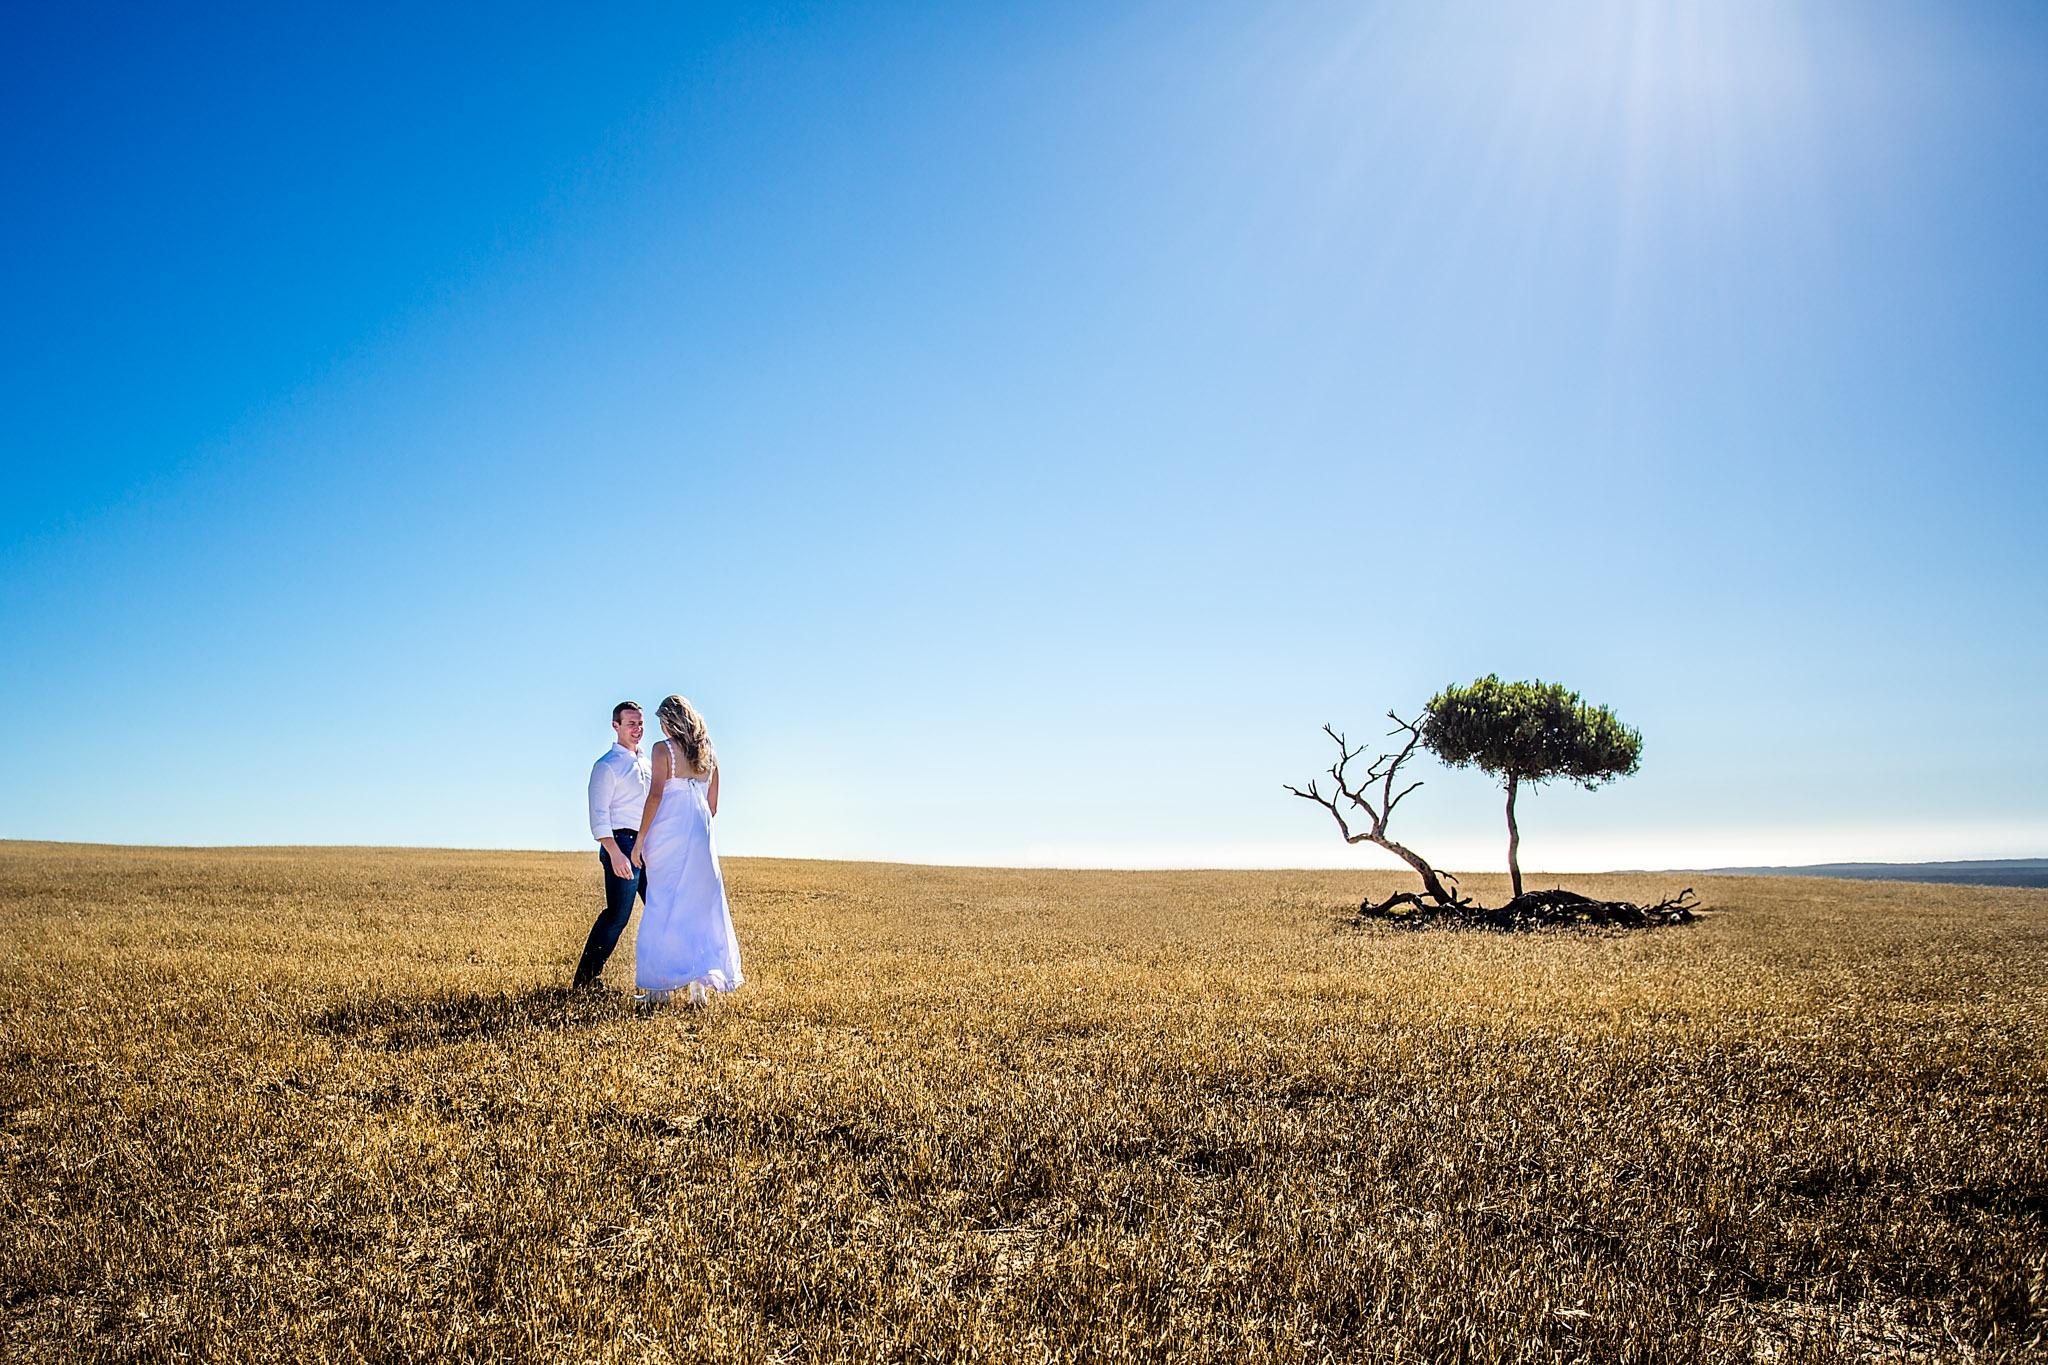 Wedding Photography Image Portfolio